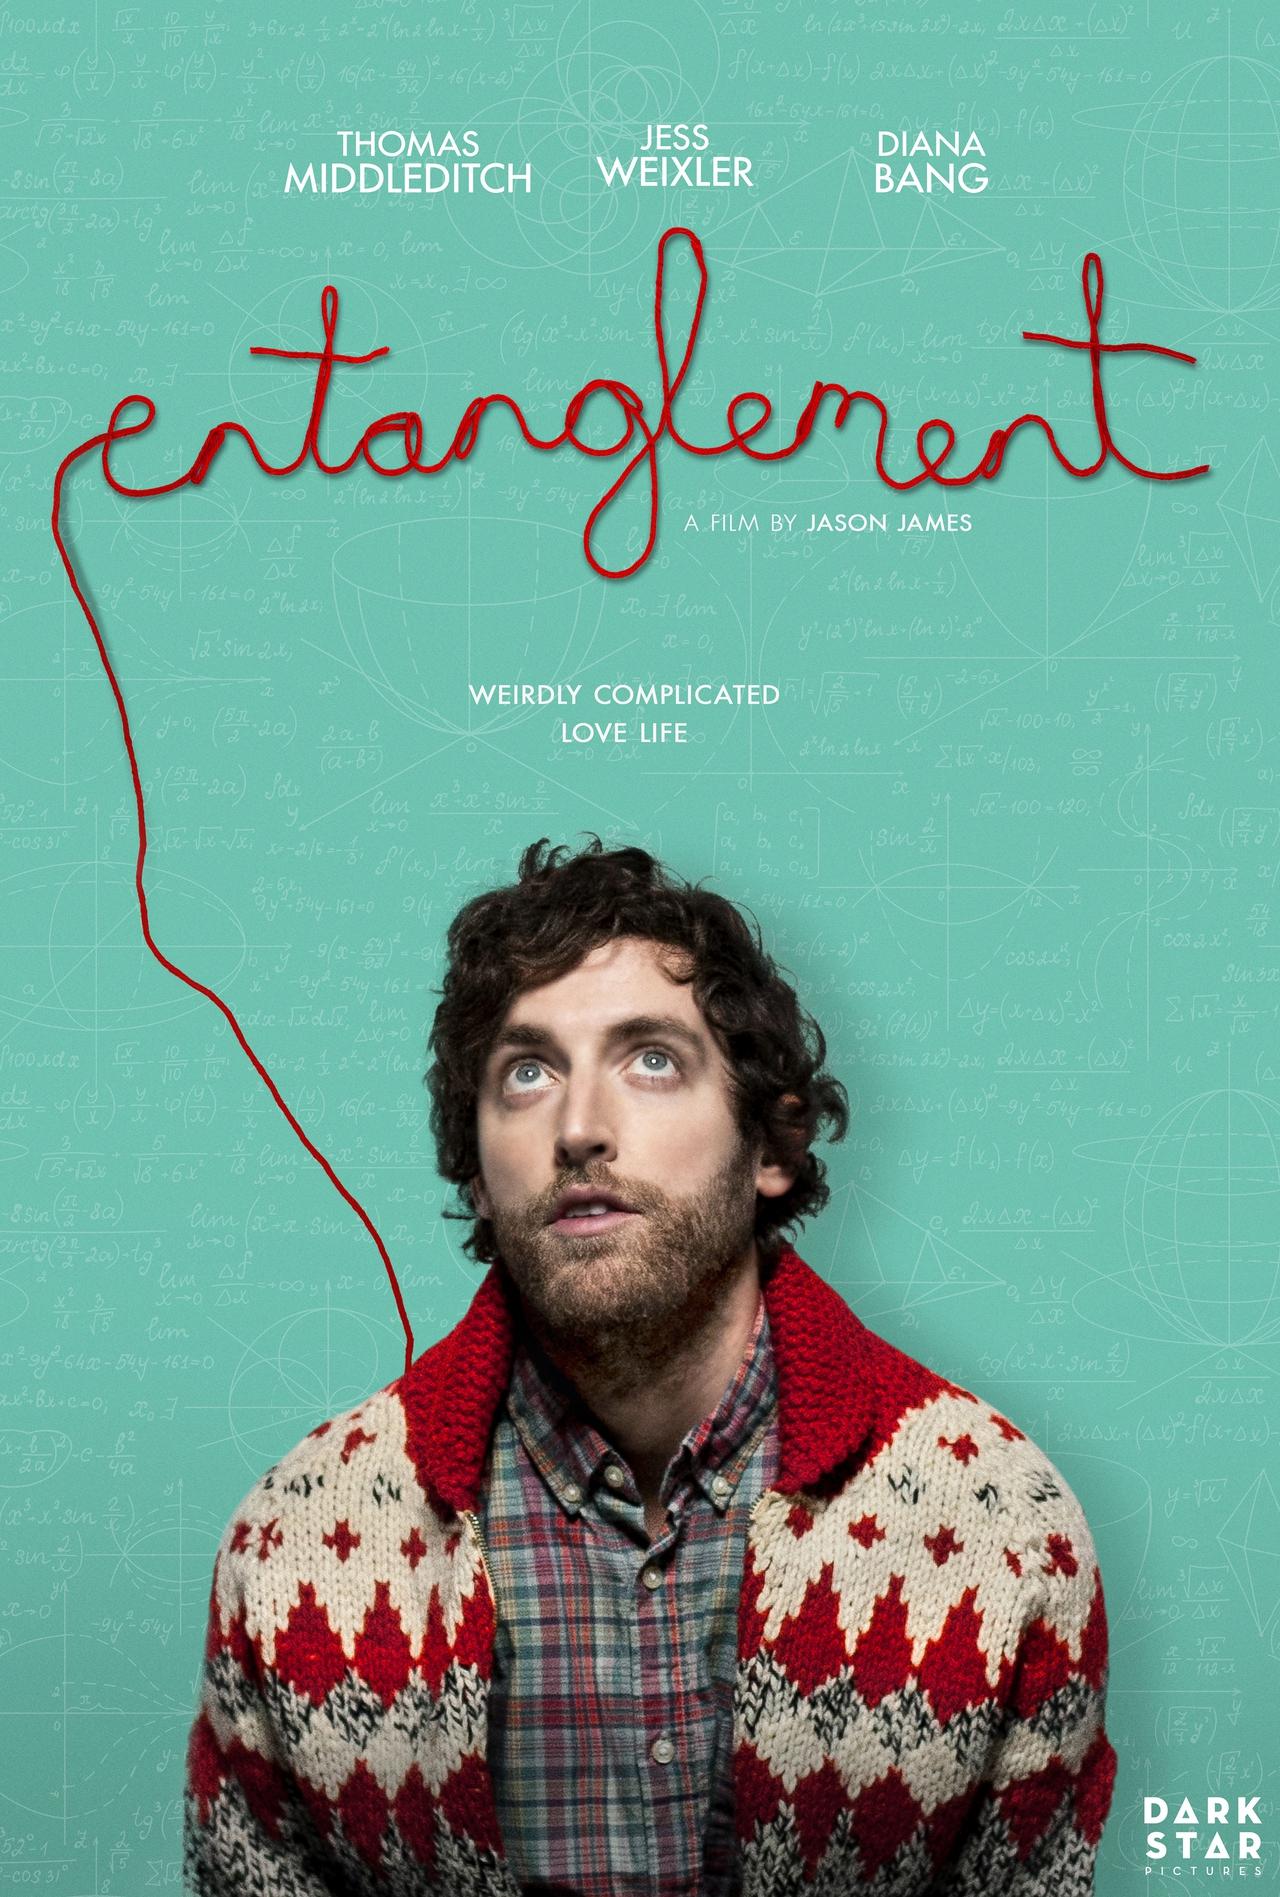 فیلم سینمایی Entanglement با حضور Thomas Middleditch